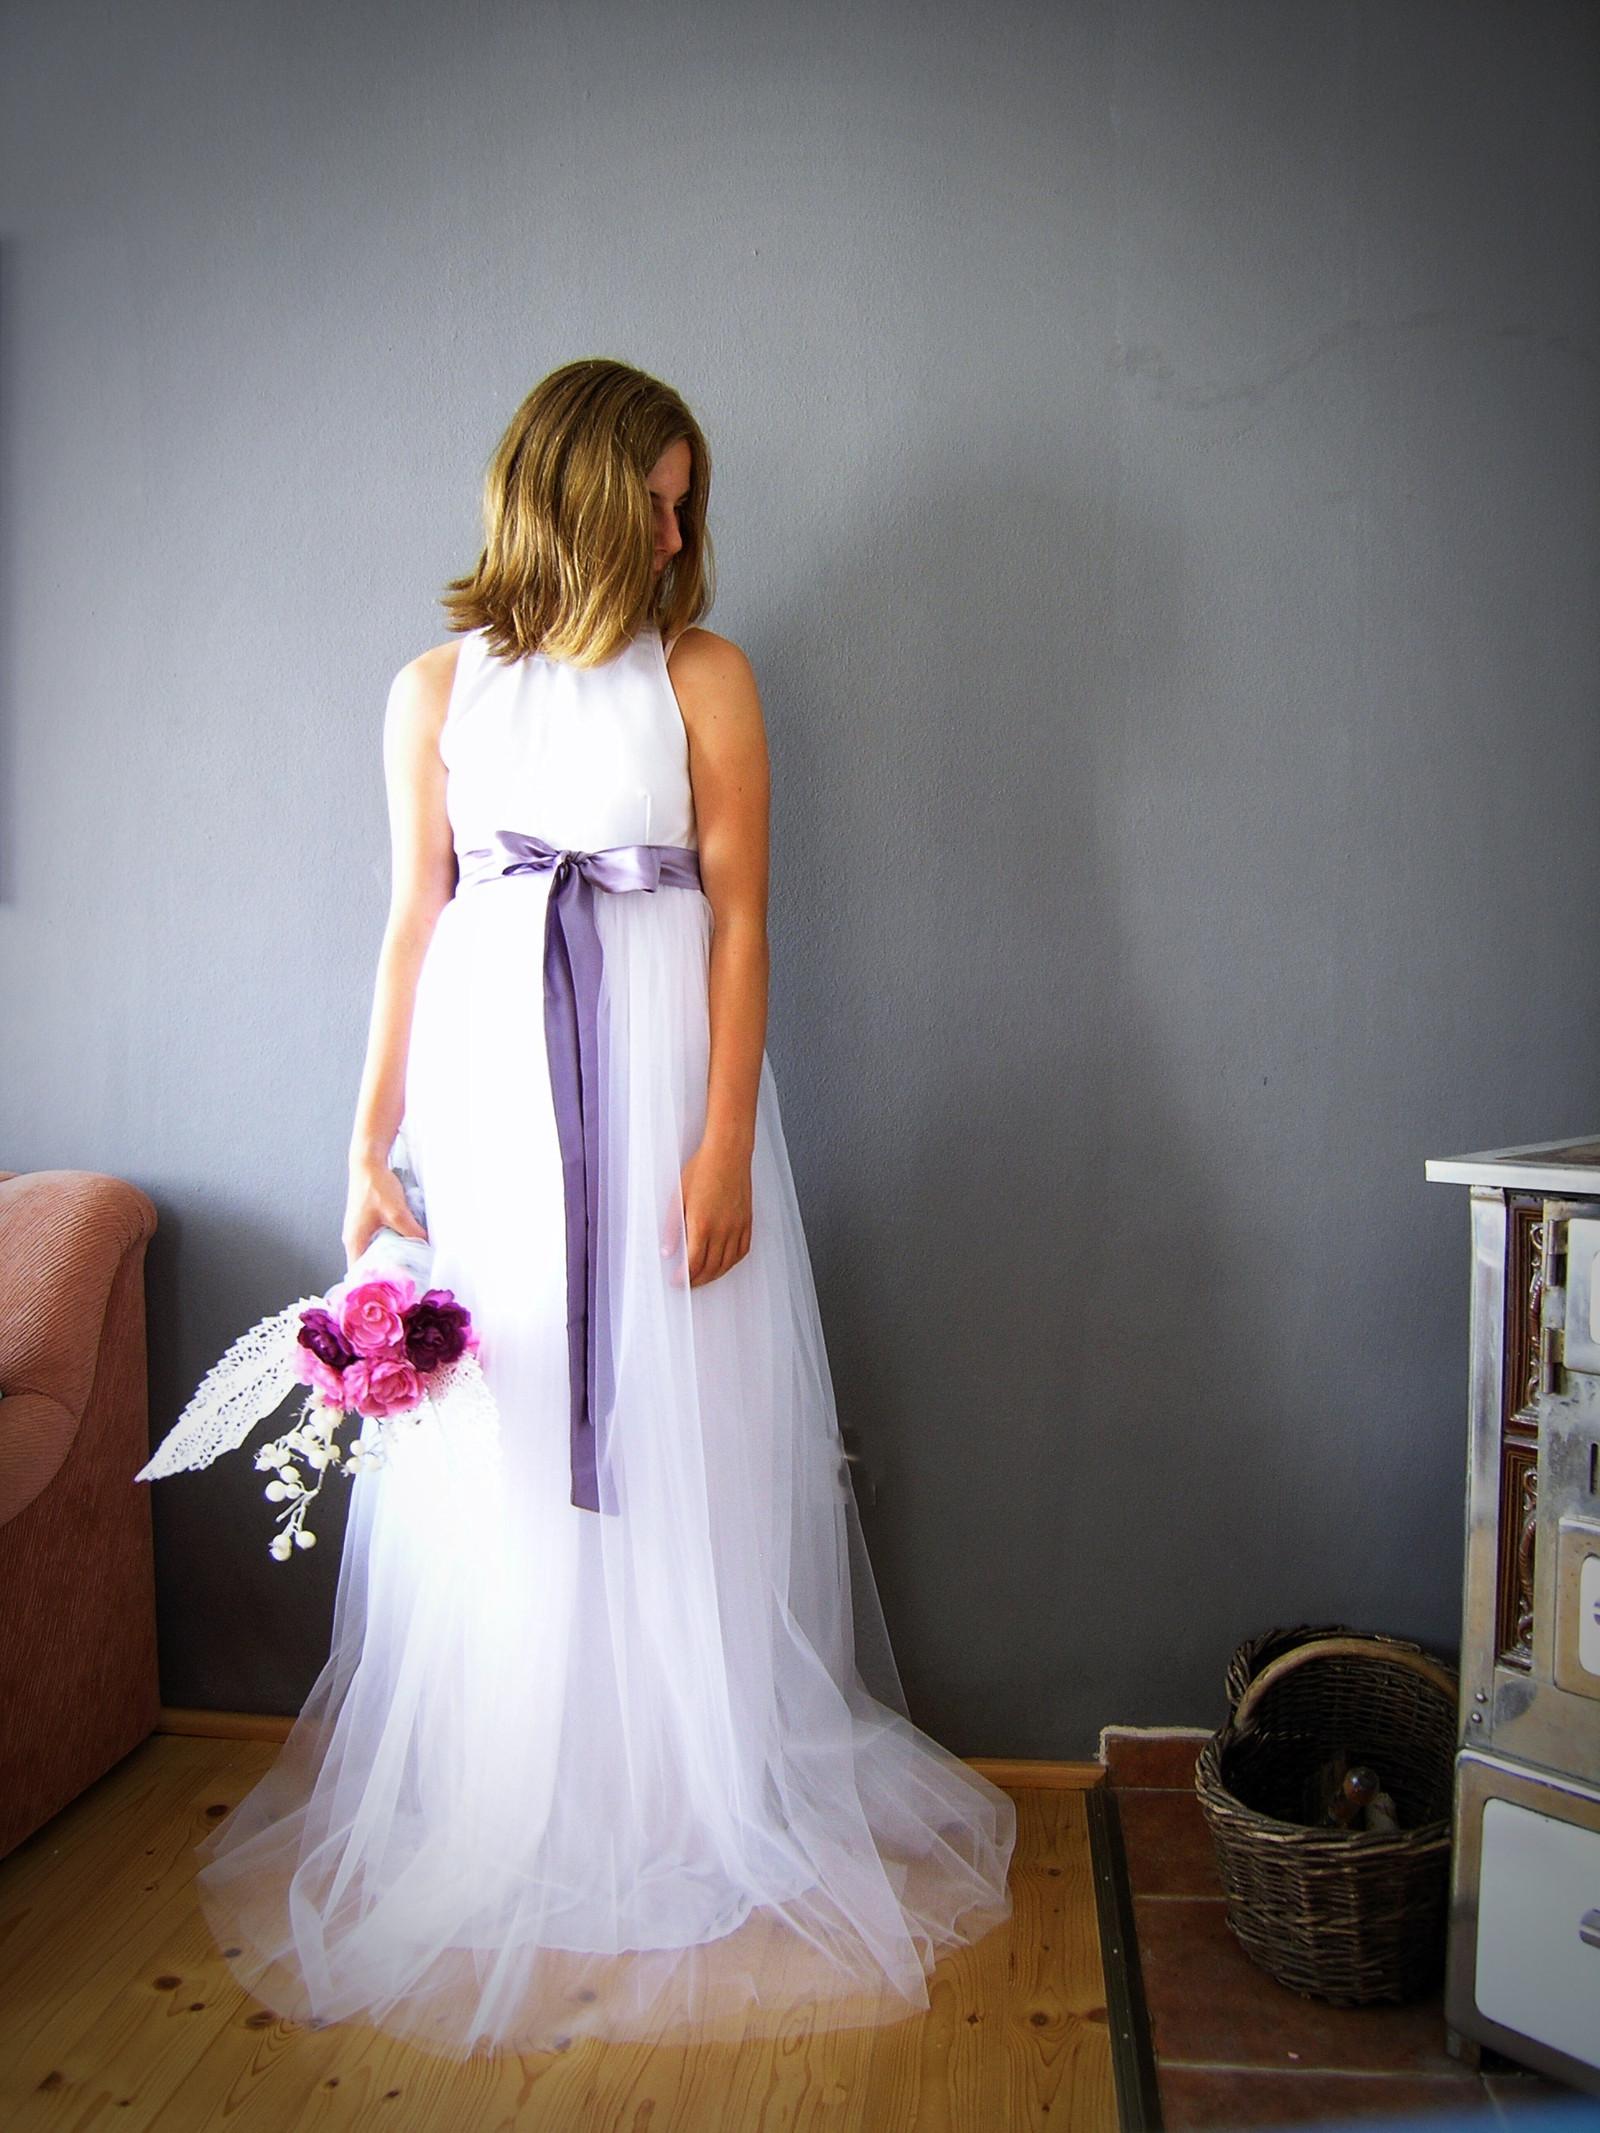 d82b28fb7626 svatební šaty empírový střih   Zboží prodejce ceasara